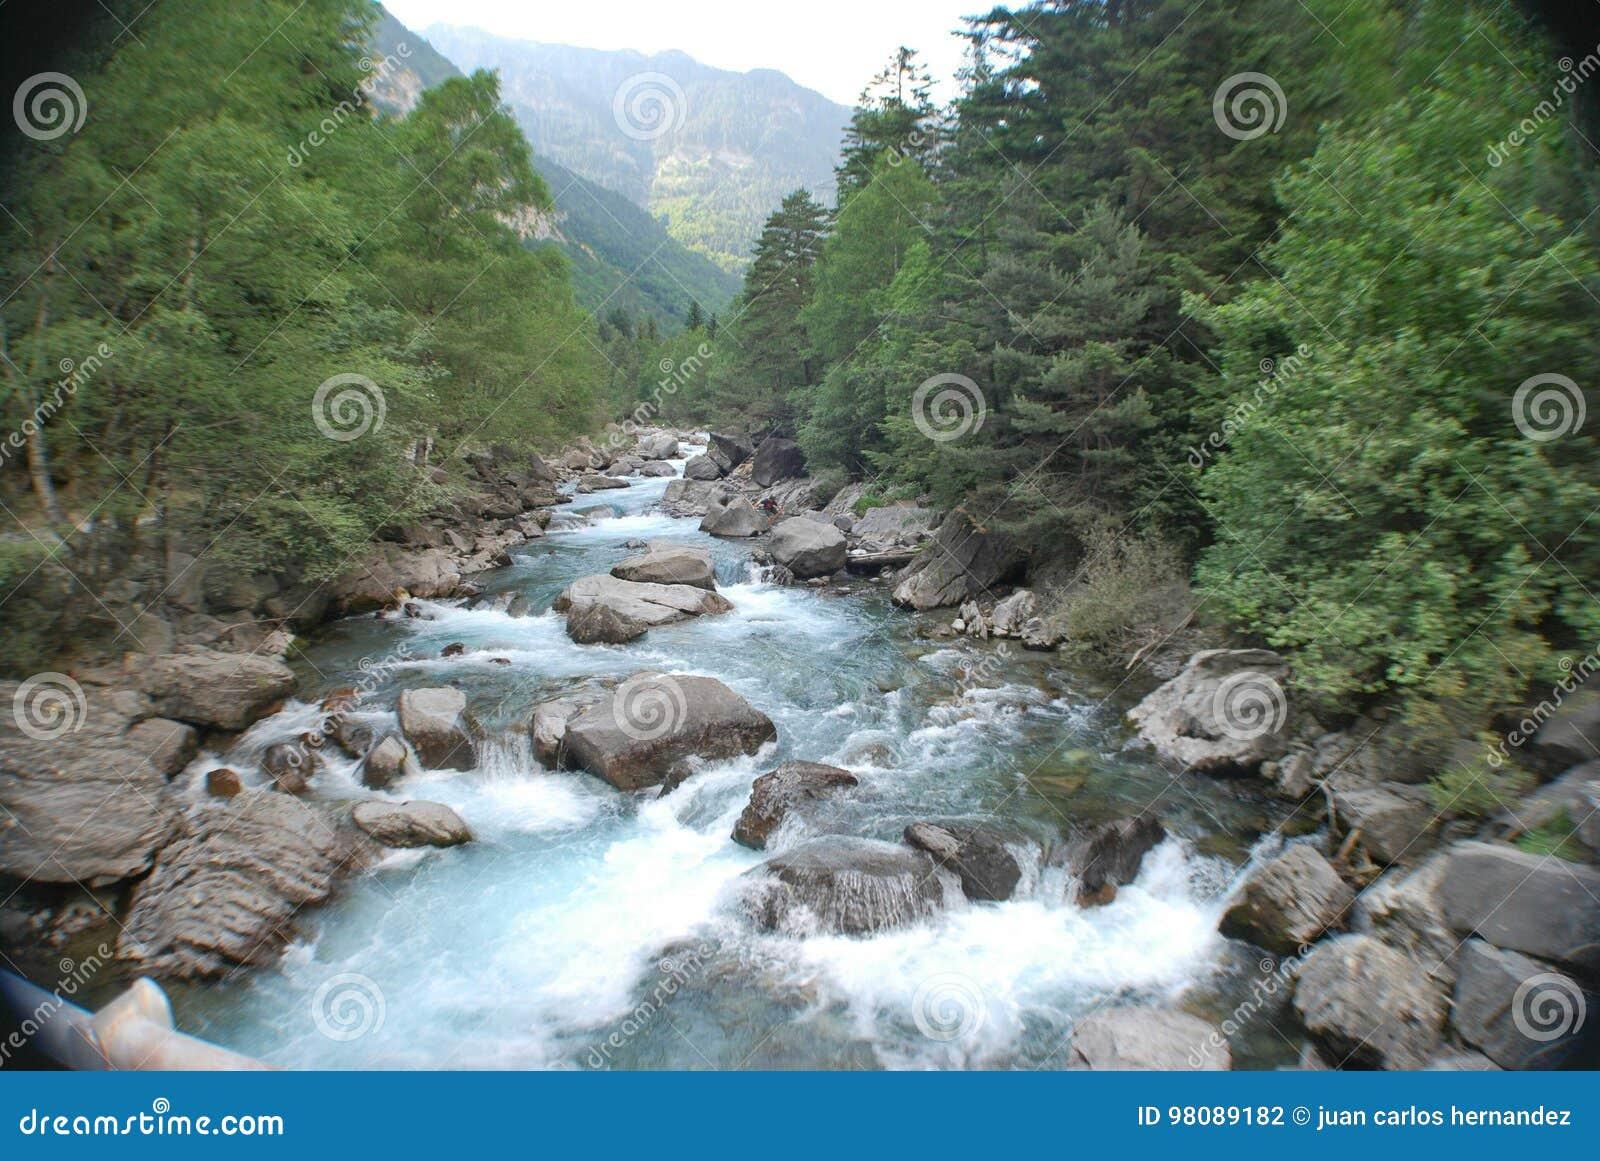 Rio no vale do bujaruelo